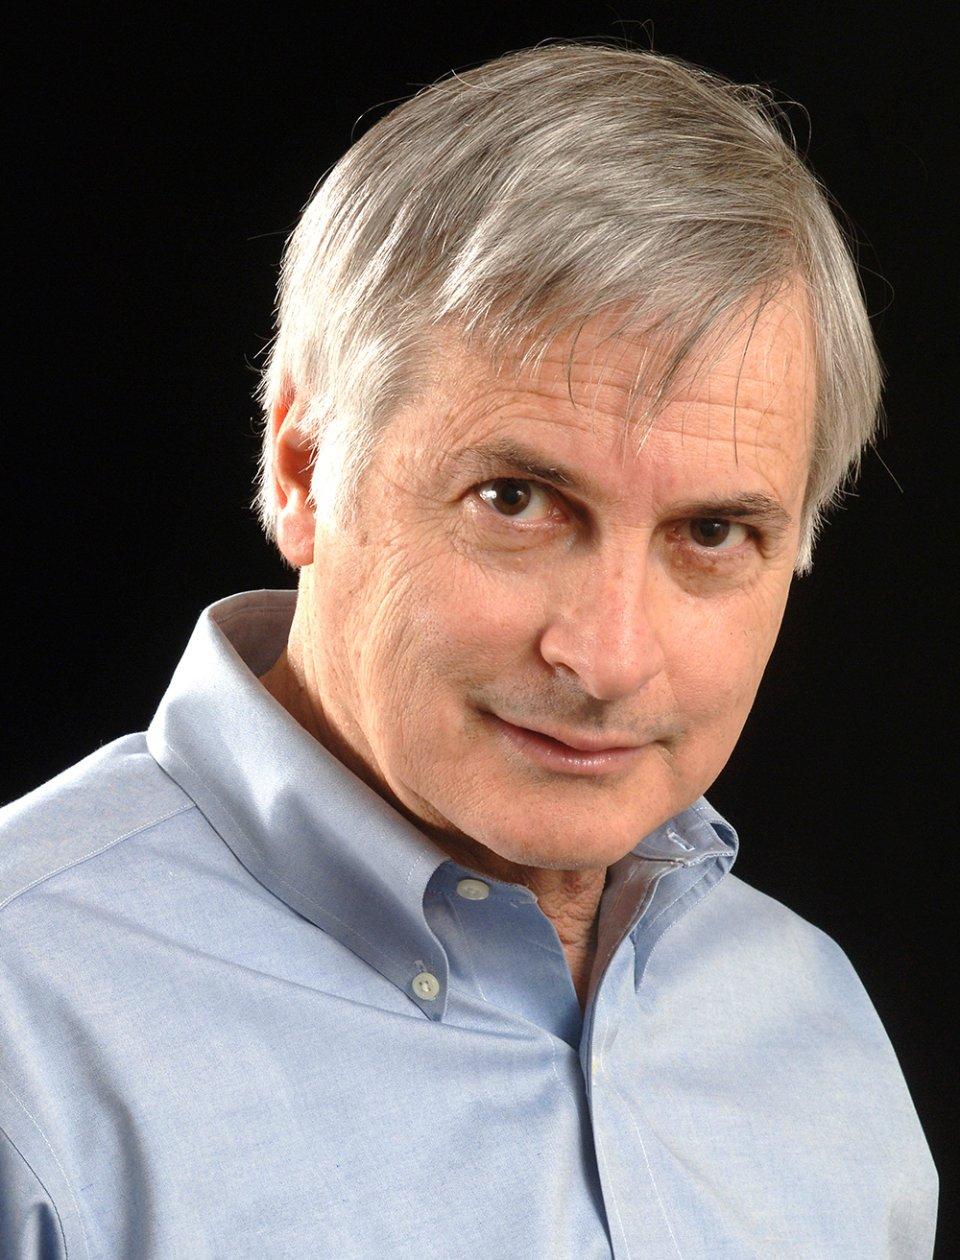 Сет Шостак, старший астроном інституту SETI в США